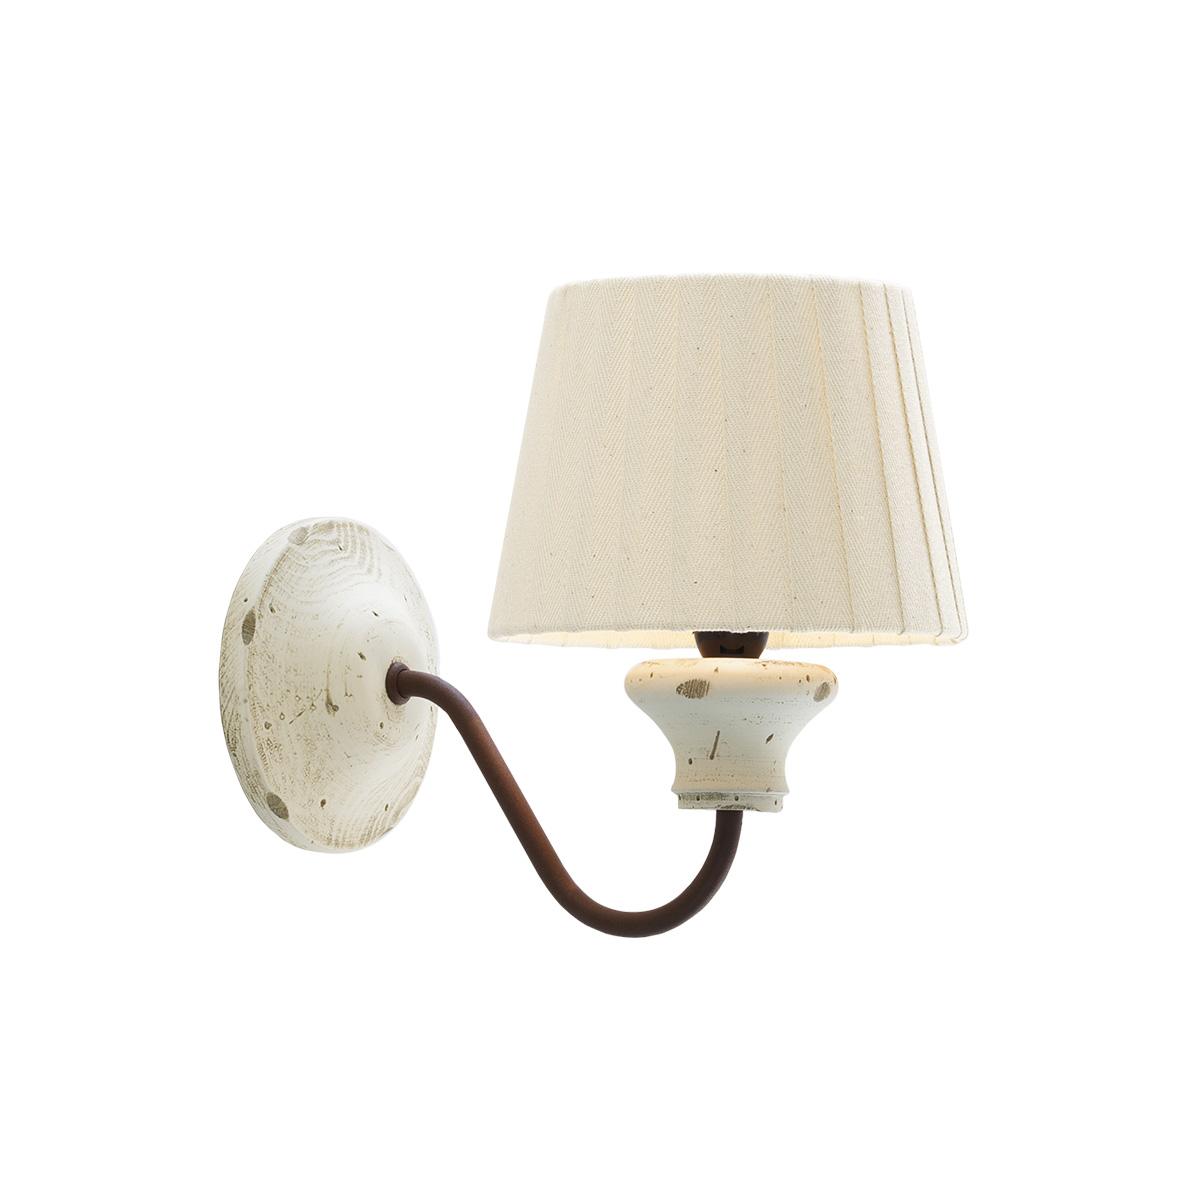 Απλίκα με καπέλο TURN RUSTICO rustic wall lamp